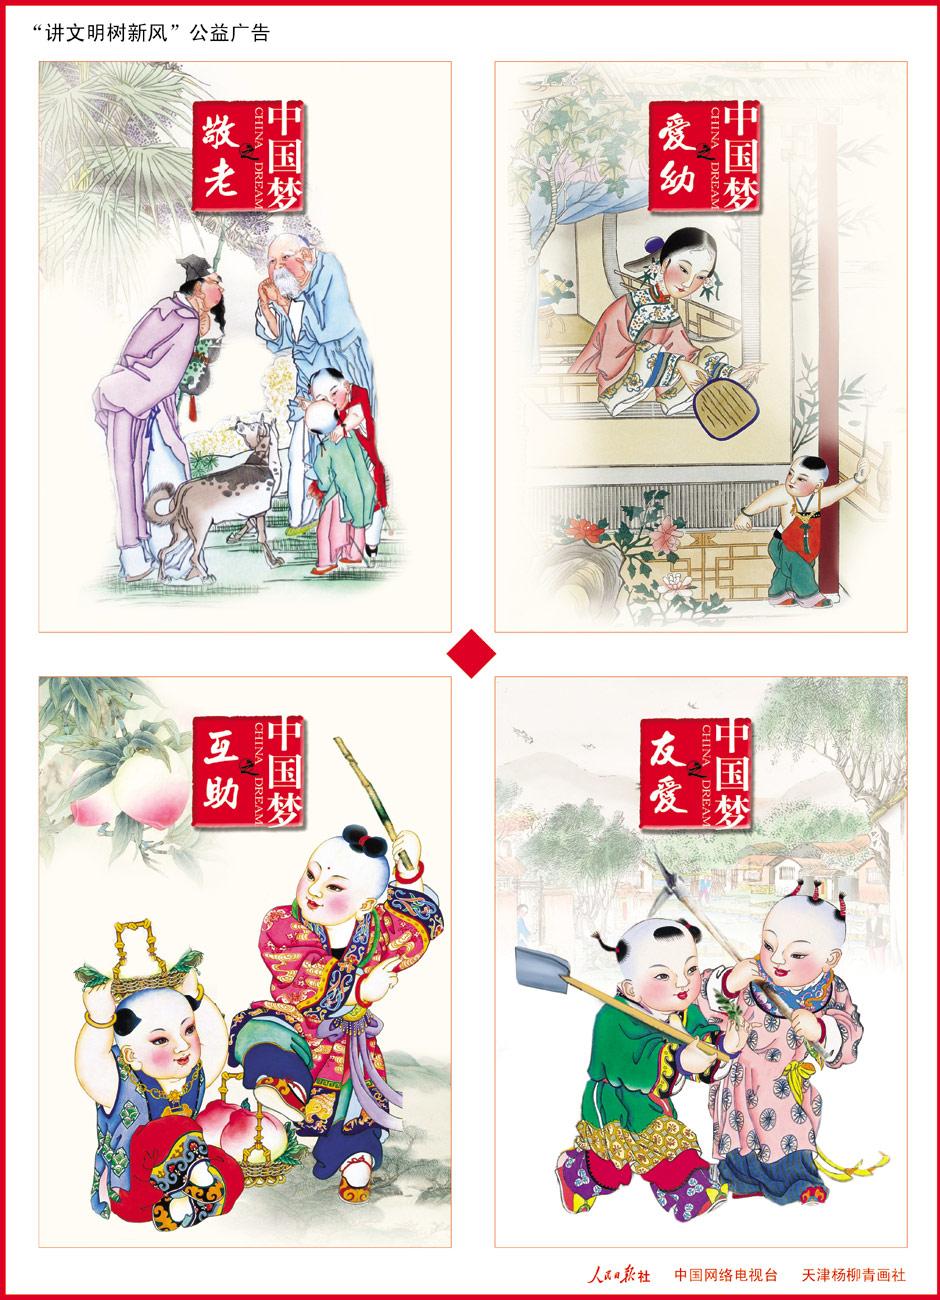 中国梦之敬老、爱幼、互助、友爱(人民日报、中国网络电视台制作)